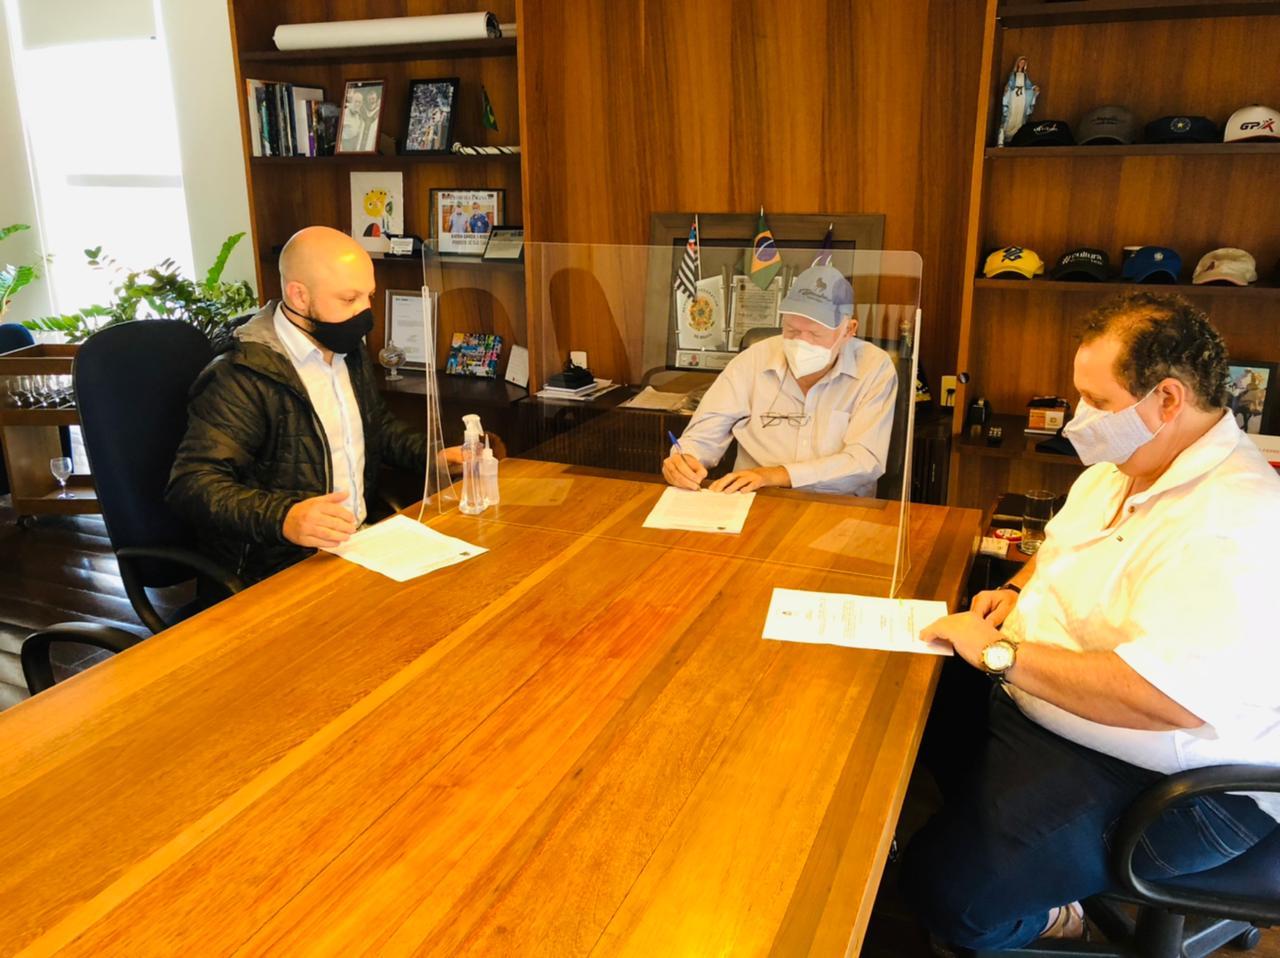 Prefeito Airton Garcia reunido para definição de decreto - Foto: Divulgação/Prefeitura de São Carlos